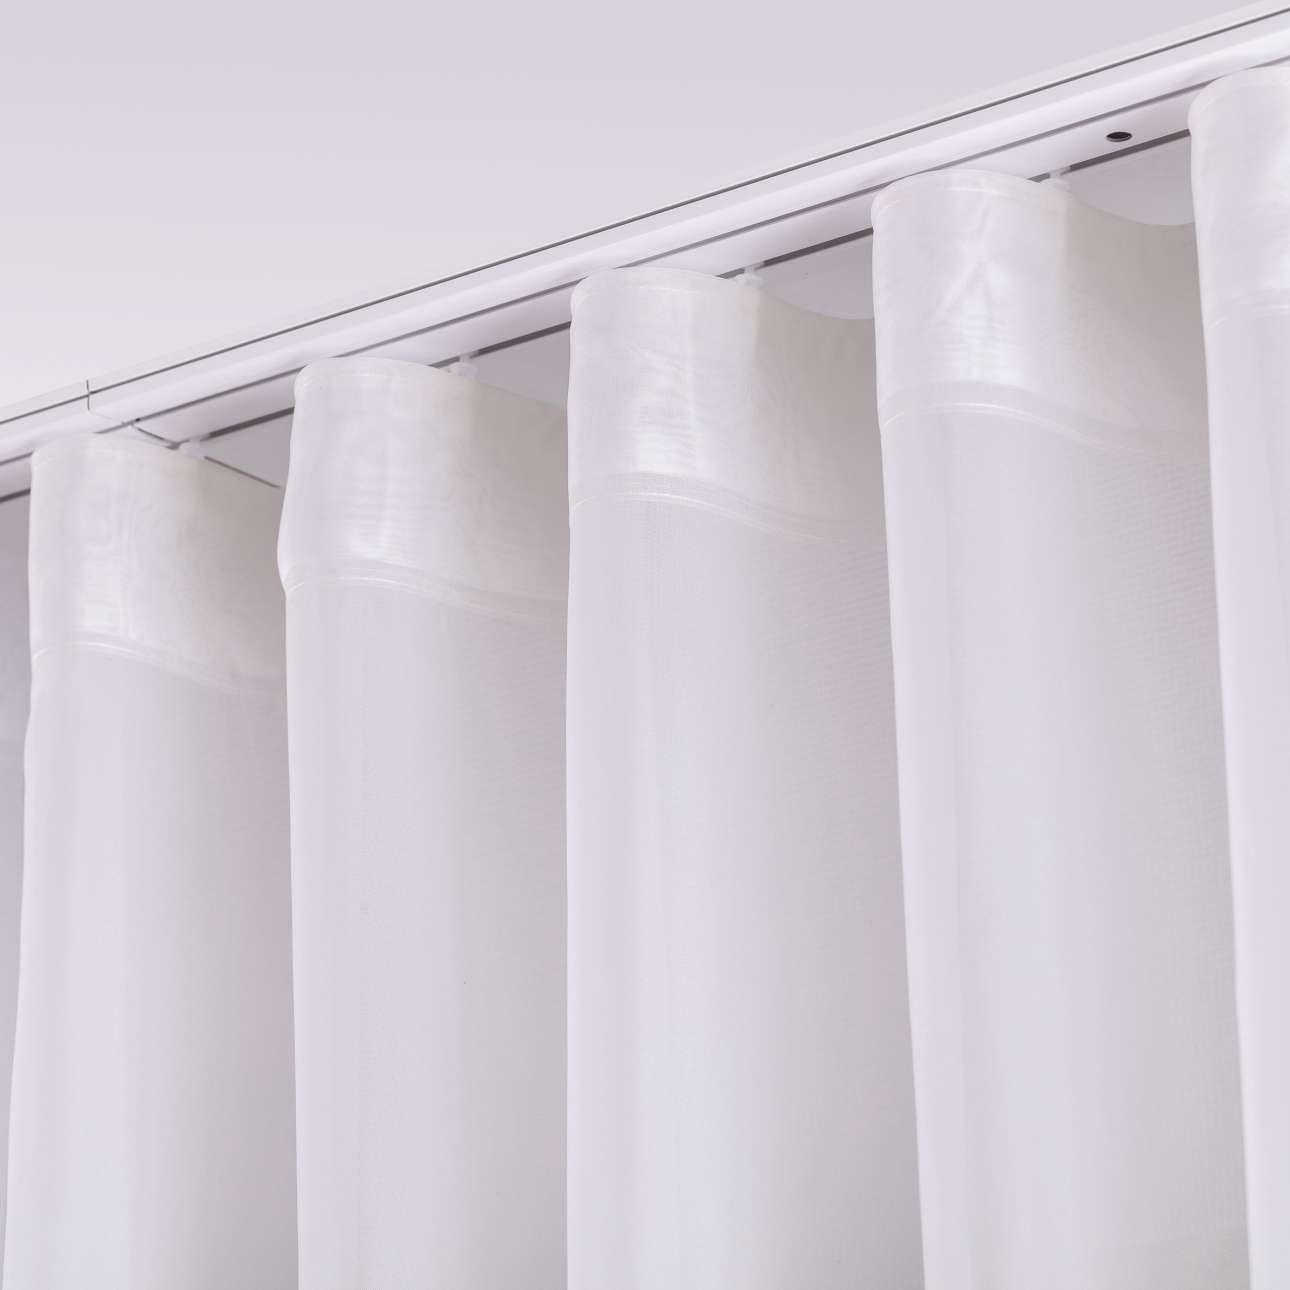 Dekoria Voálová záclona na řasící pásce Wave, ecru s našitým olůvkem, 1szt. 150 x 280cm, Voile - Voál, 901-01